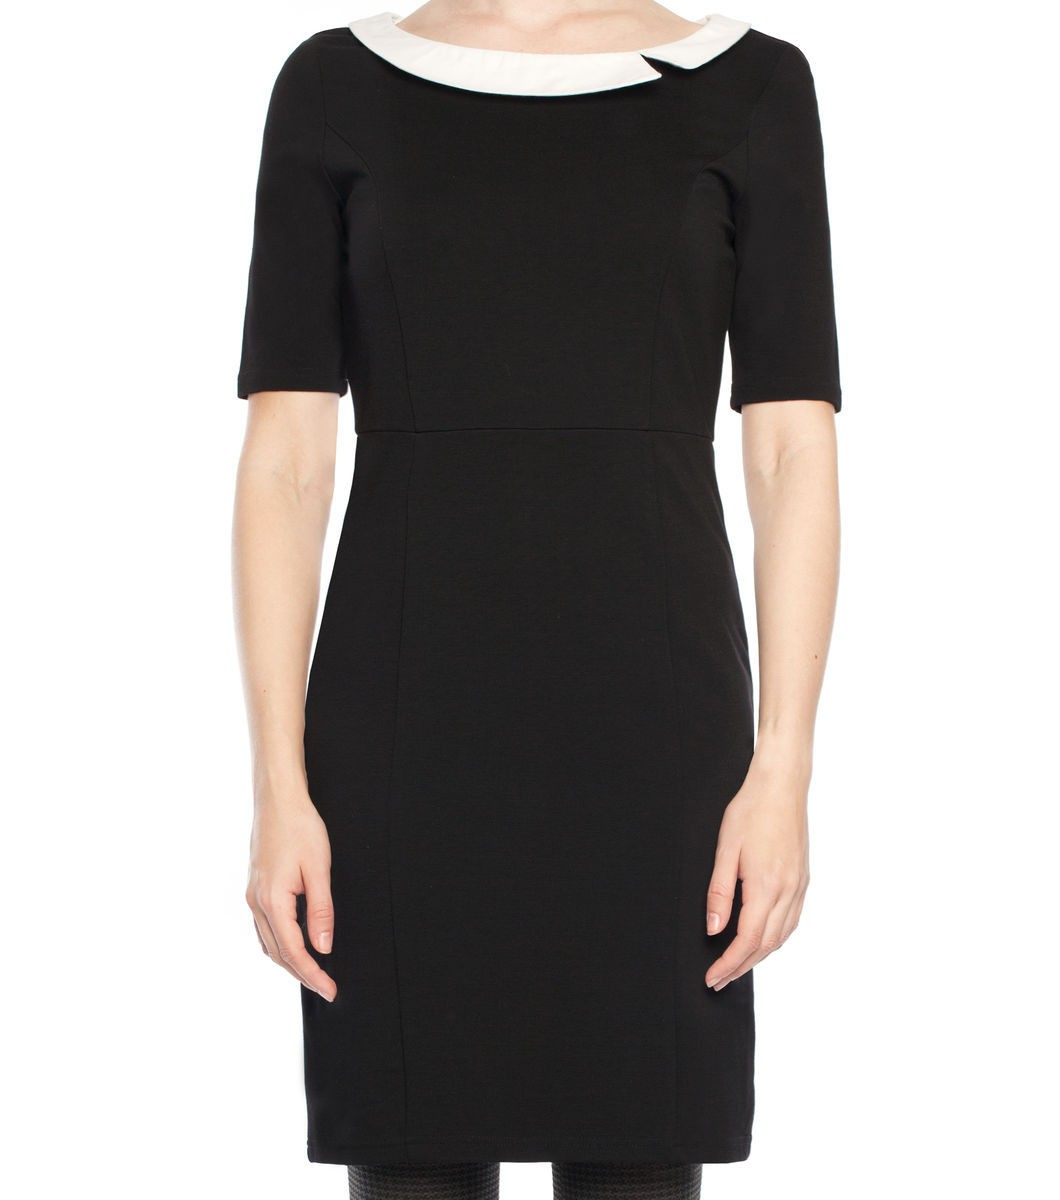 Linda Blair Dress